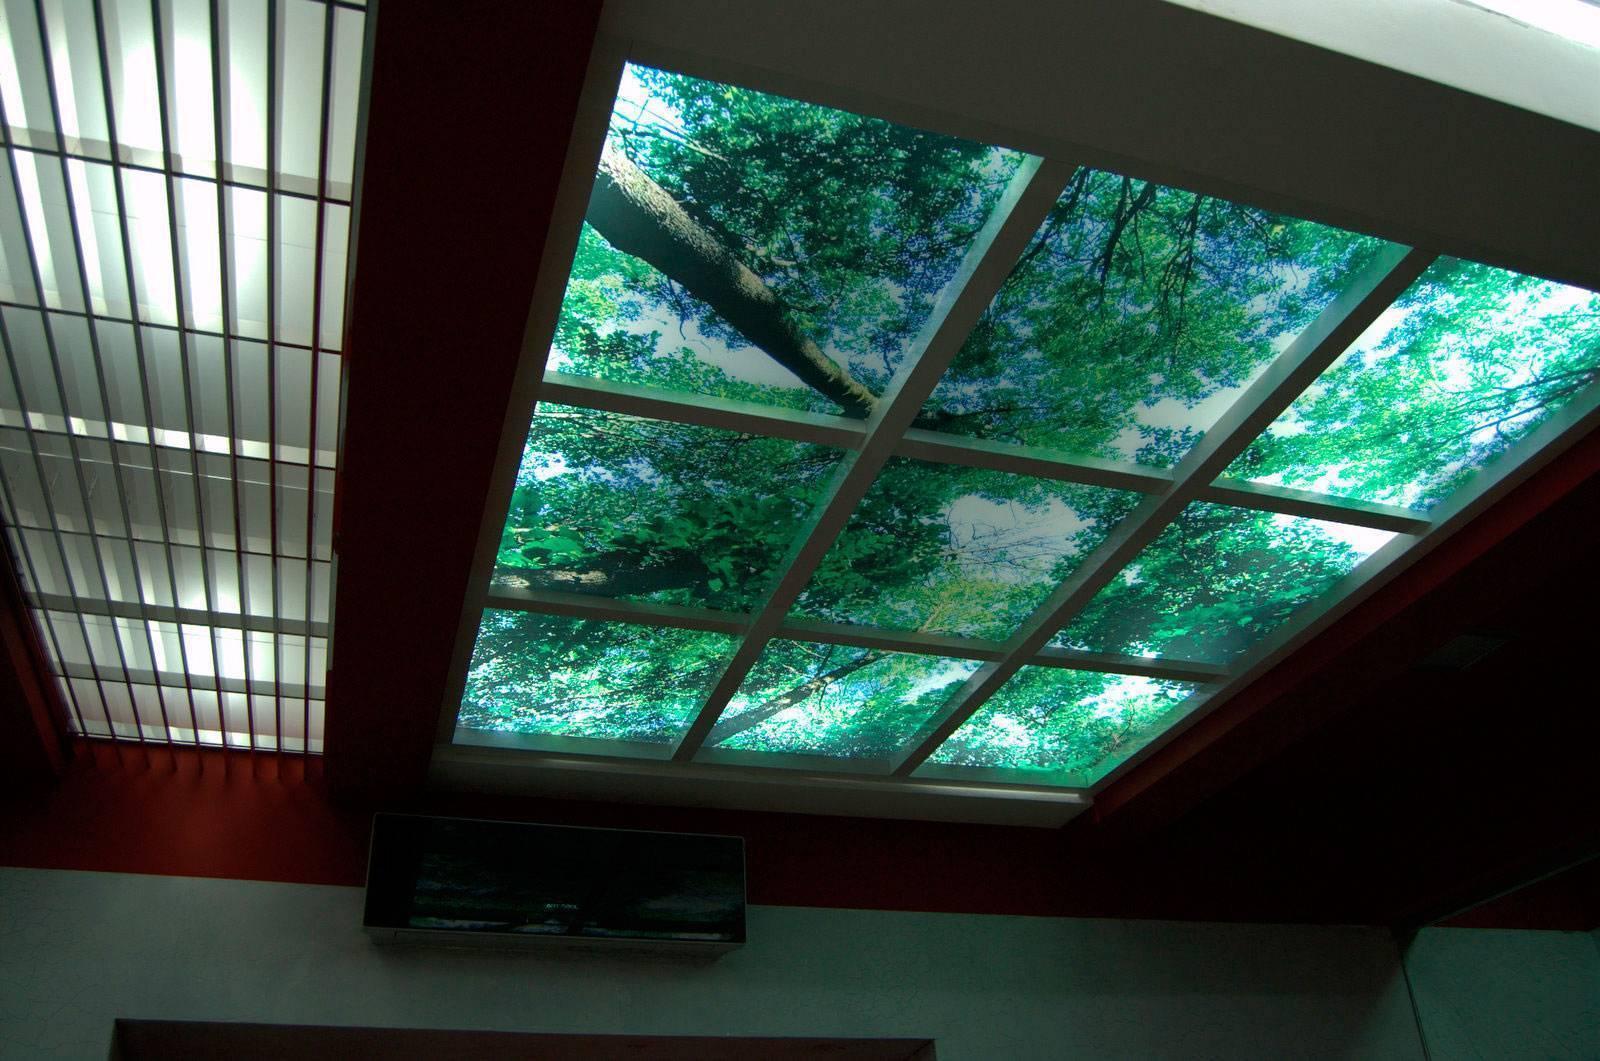 Натяжной потолок в спальне: варианты дизайна, освещения 100 фото